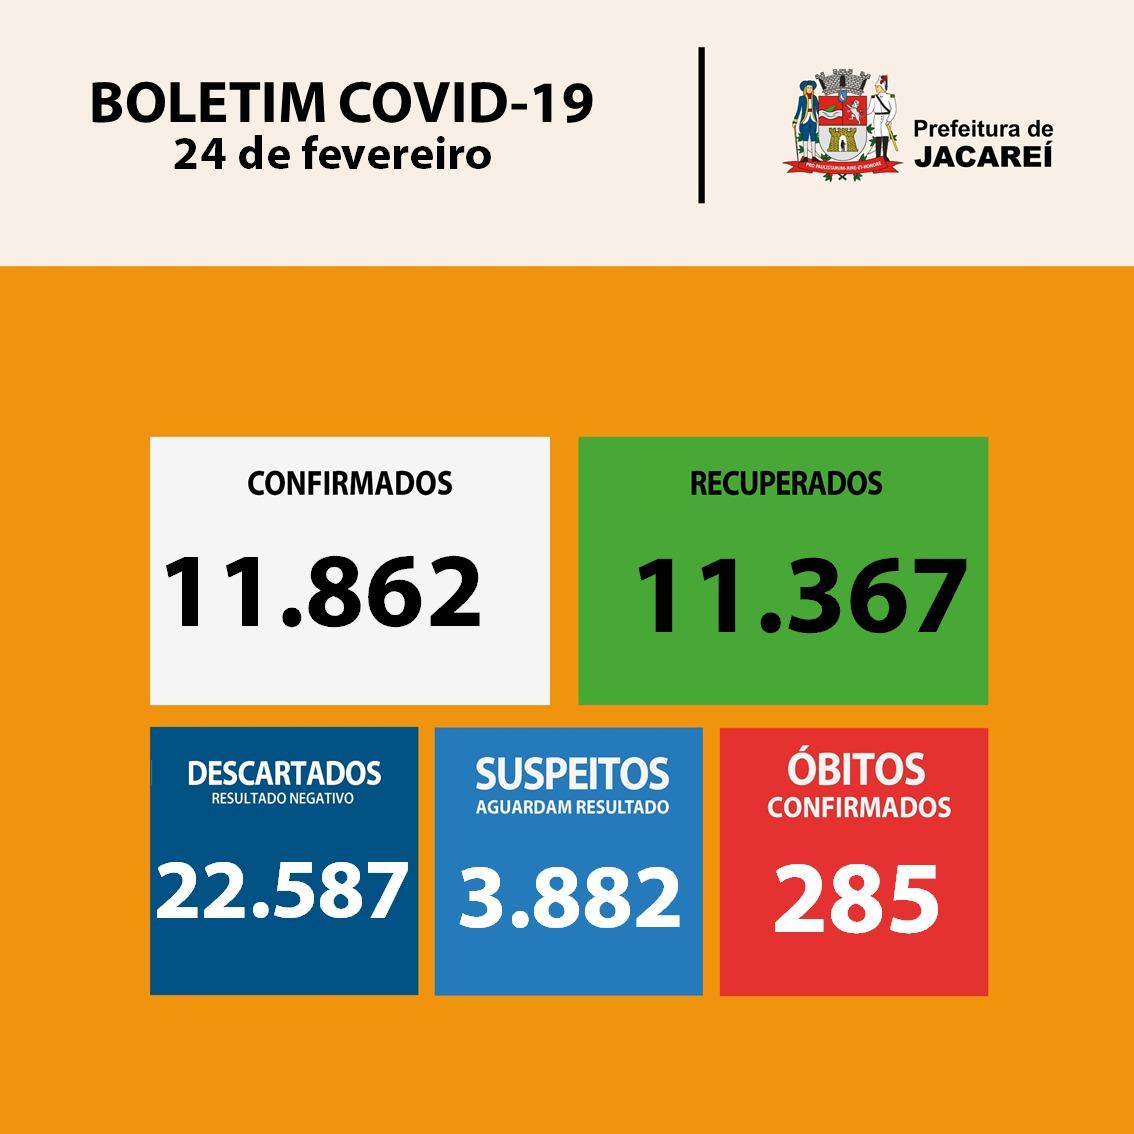 Veja o boletim atualizado dos casos de COVID-19 em Jacareí